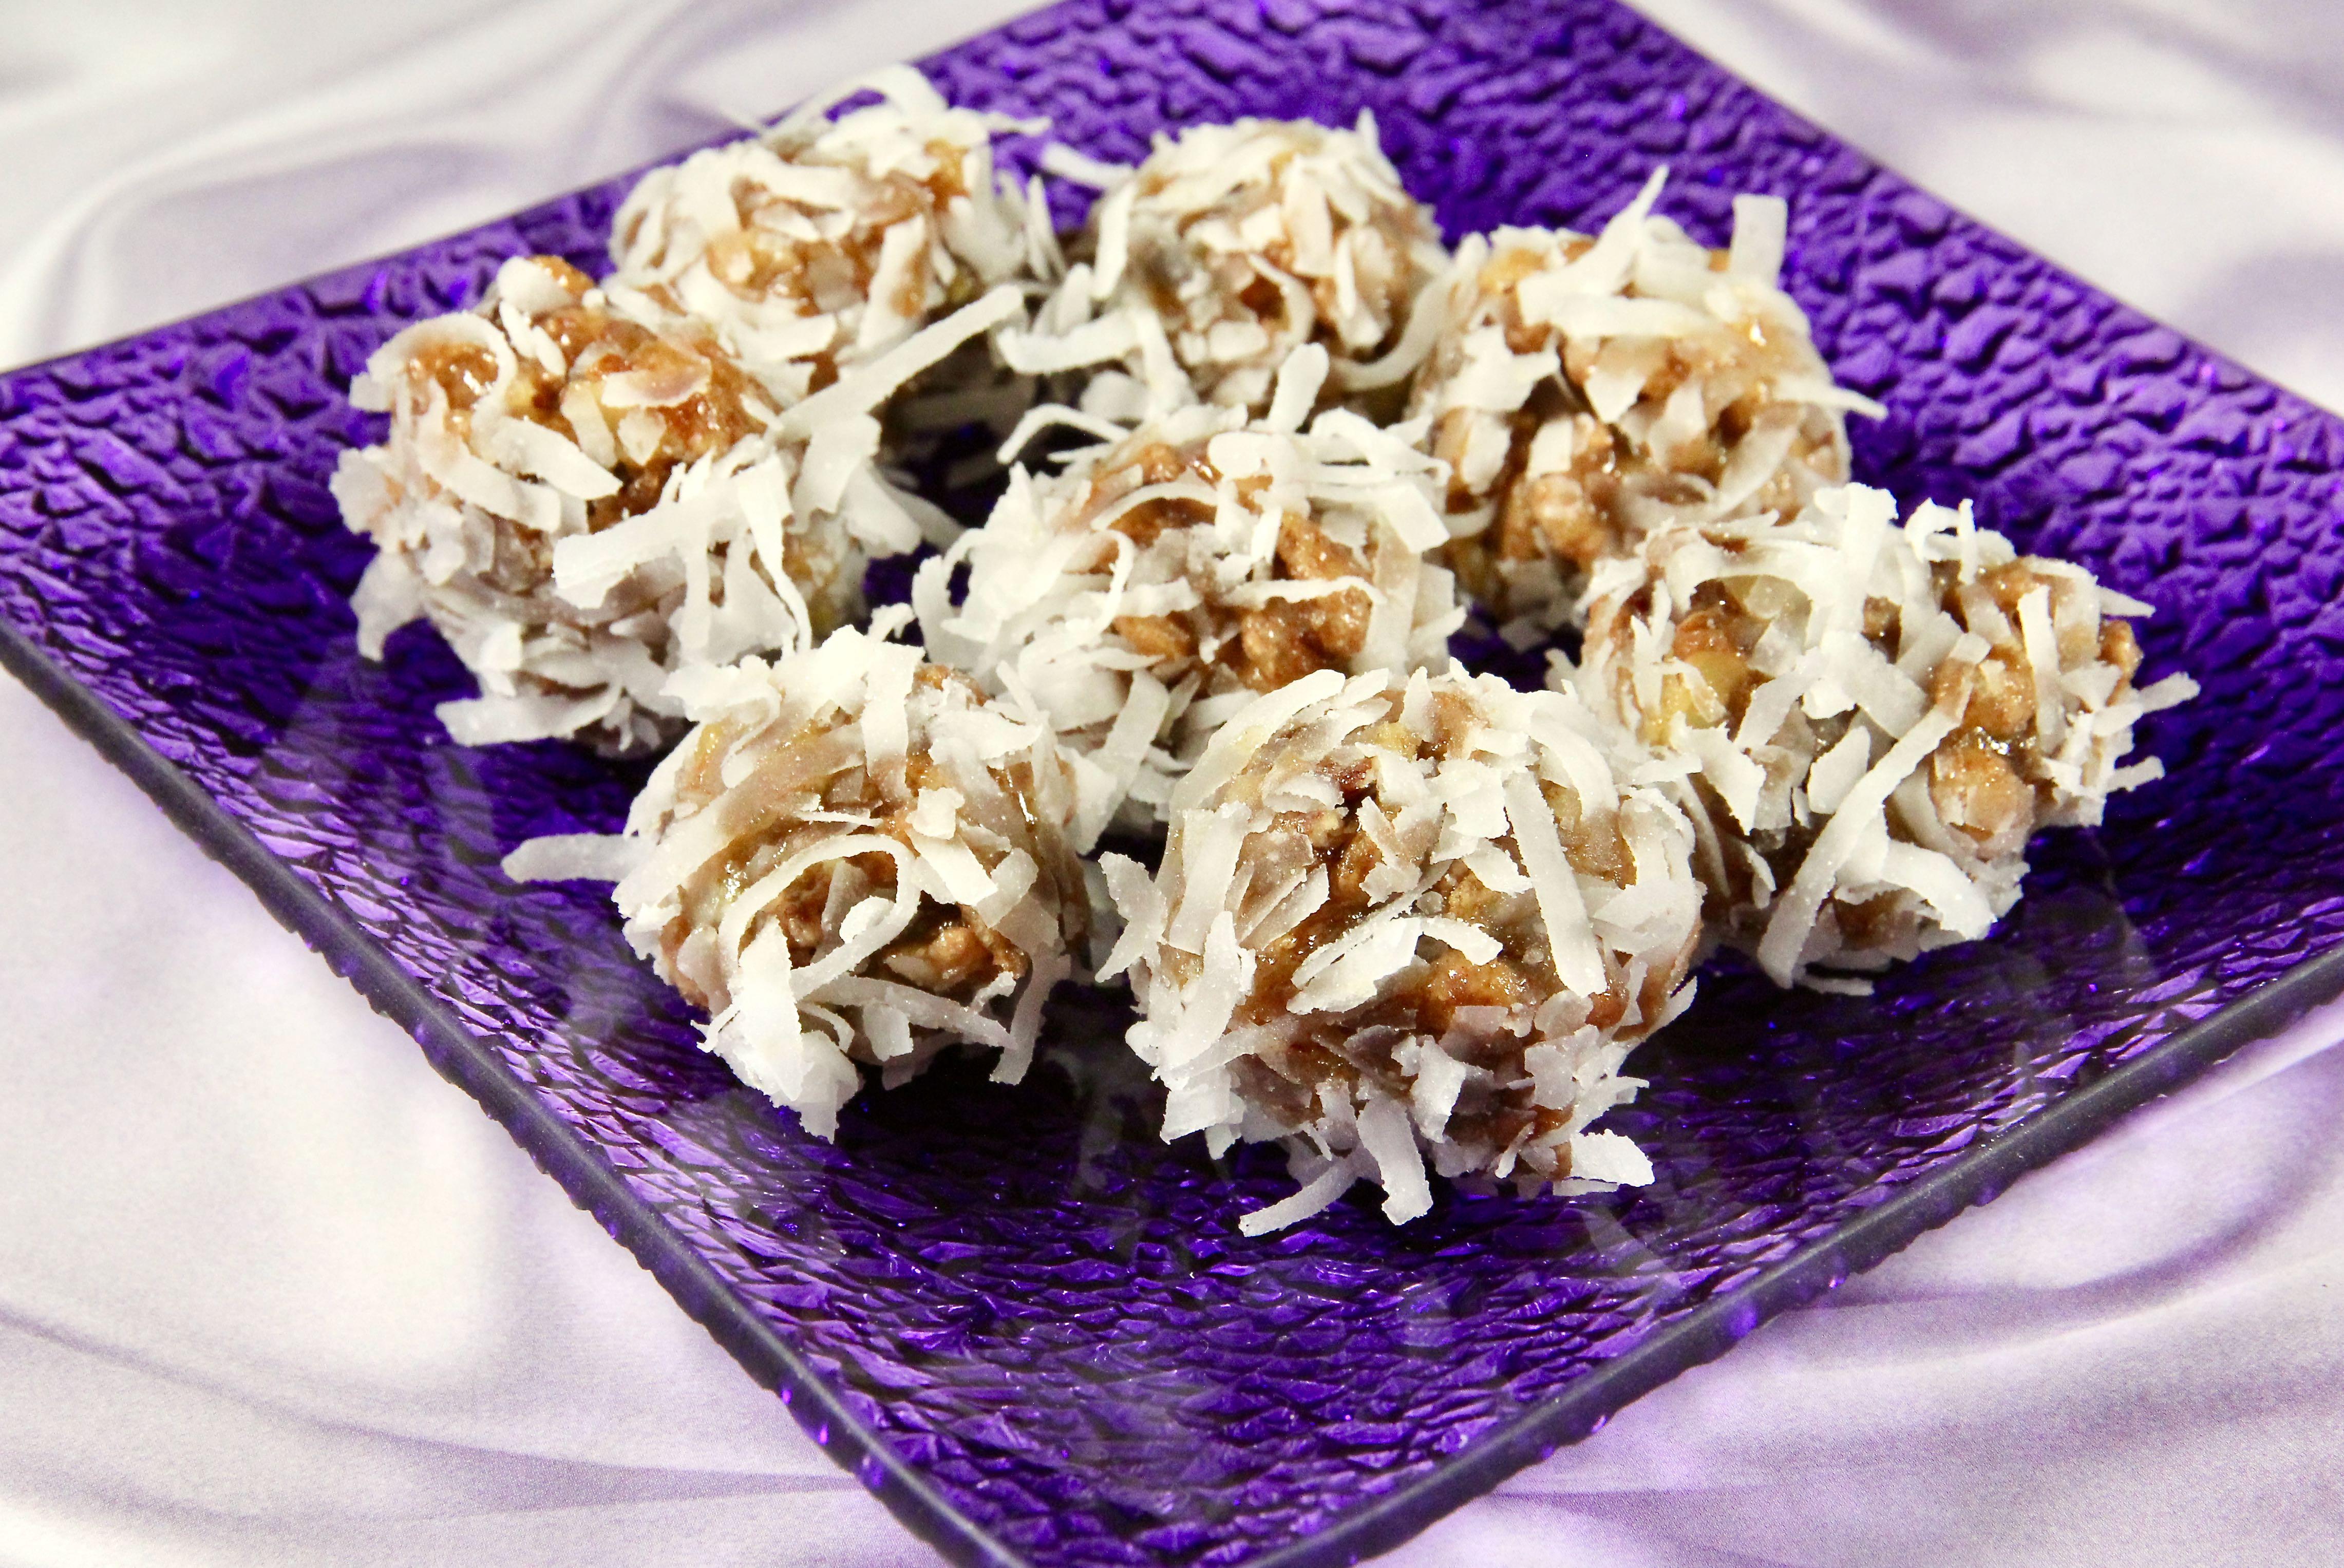 Grandma's Crispy Date and Pecan Cookies